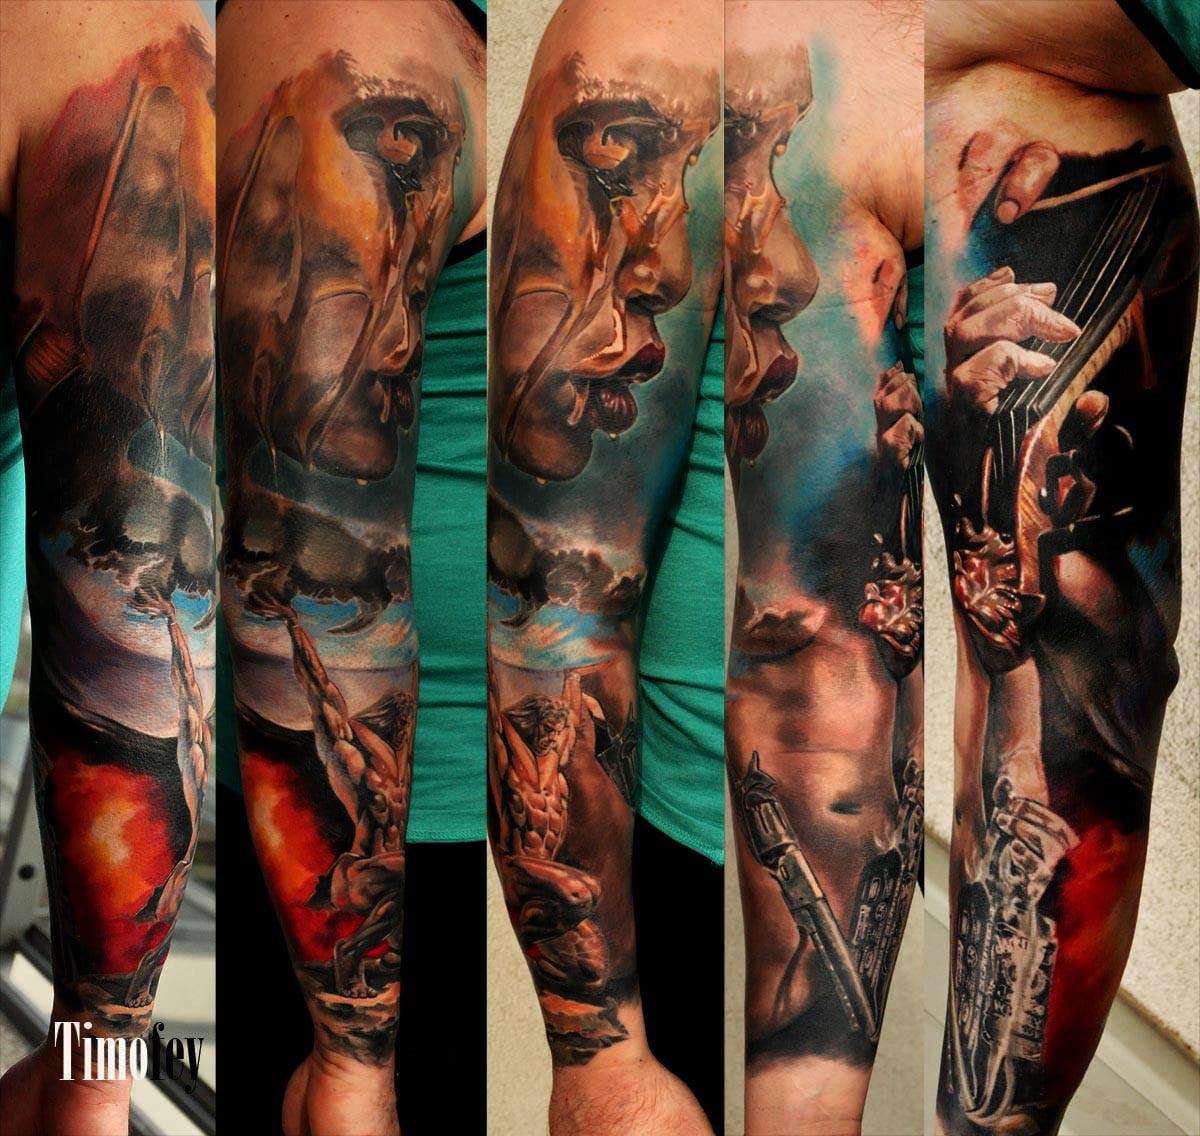 Mehrere Details einer Person und Instrumente auf dem Tattoo